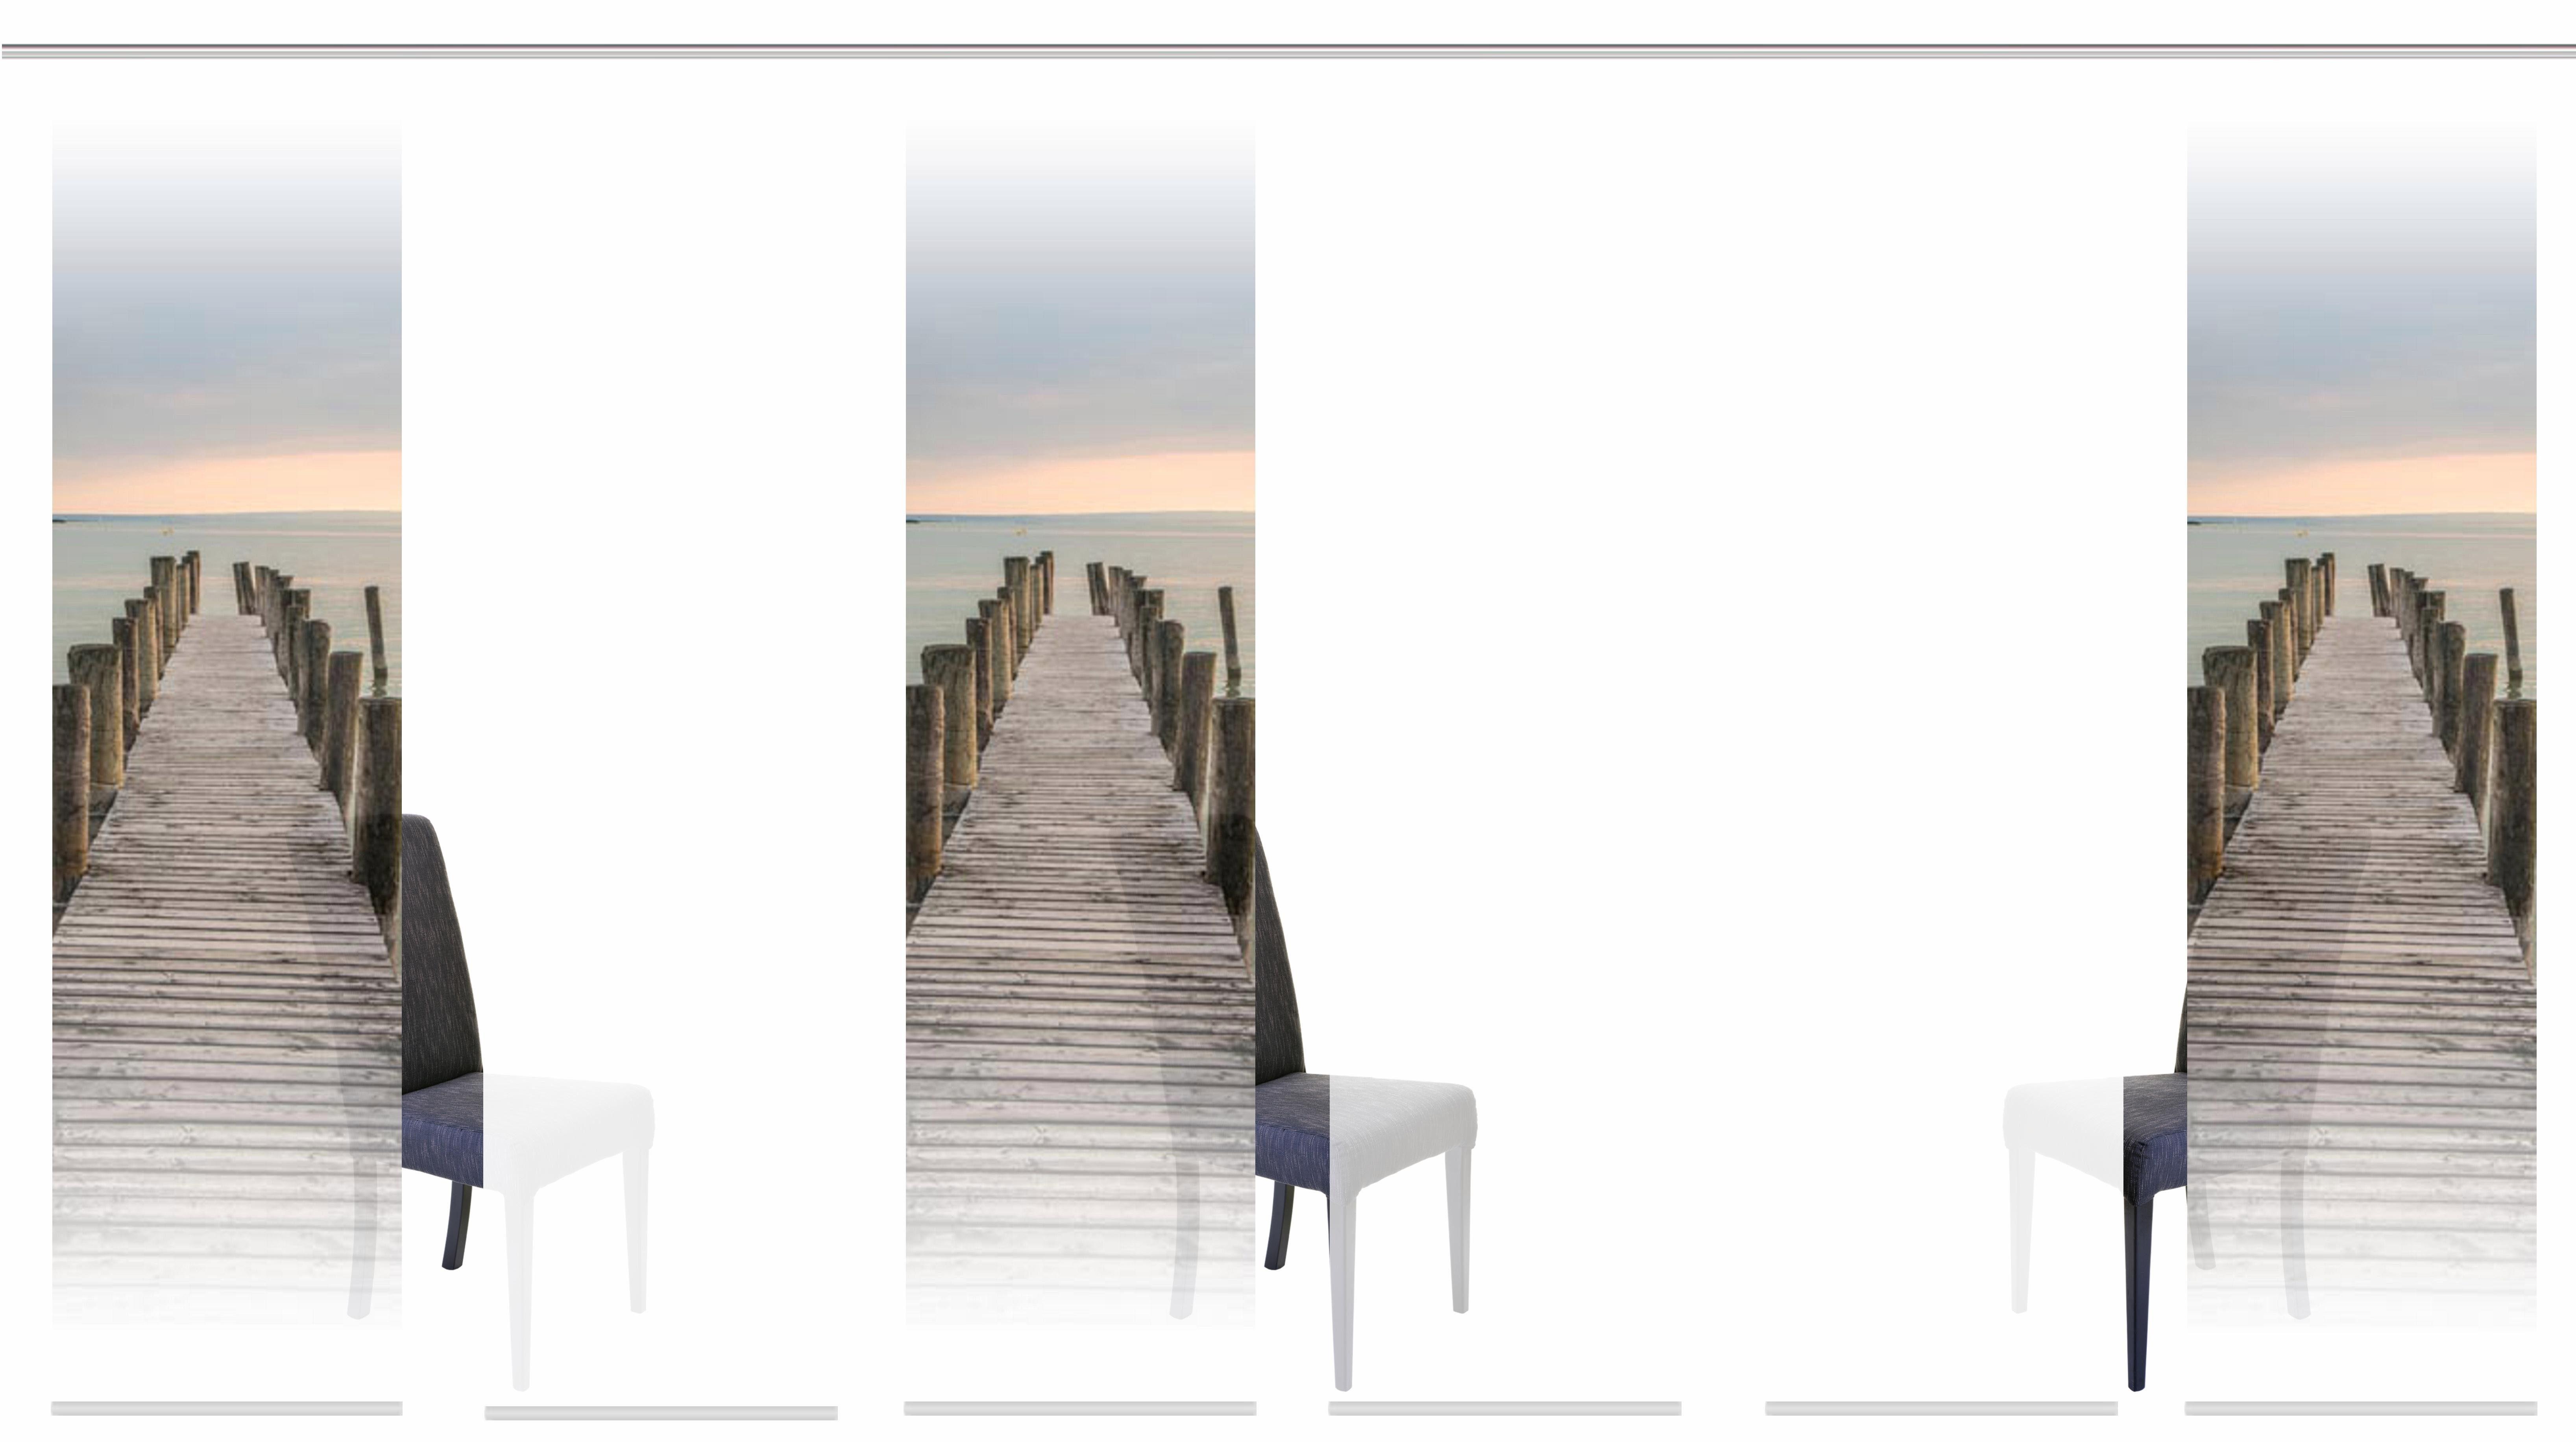 Paneel Gordijn 6 : Paneelgordijn tempe« home wohnideen klittenband set van